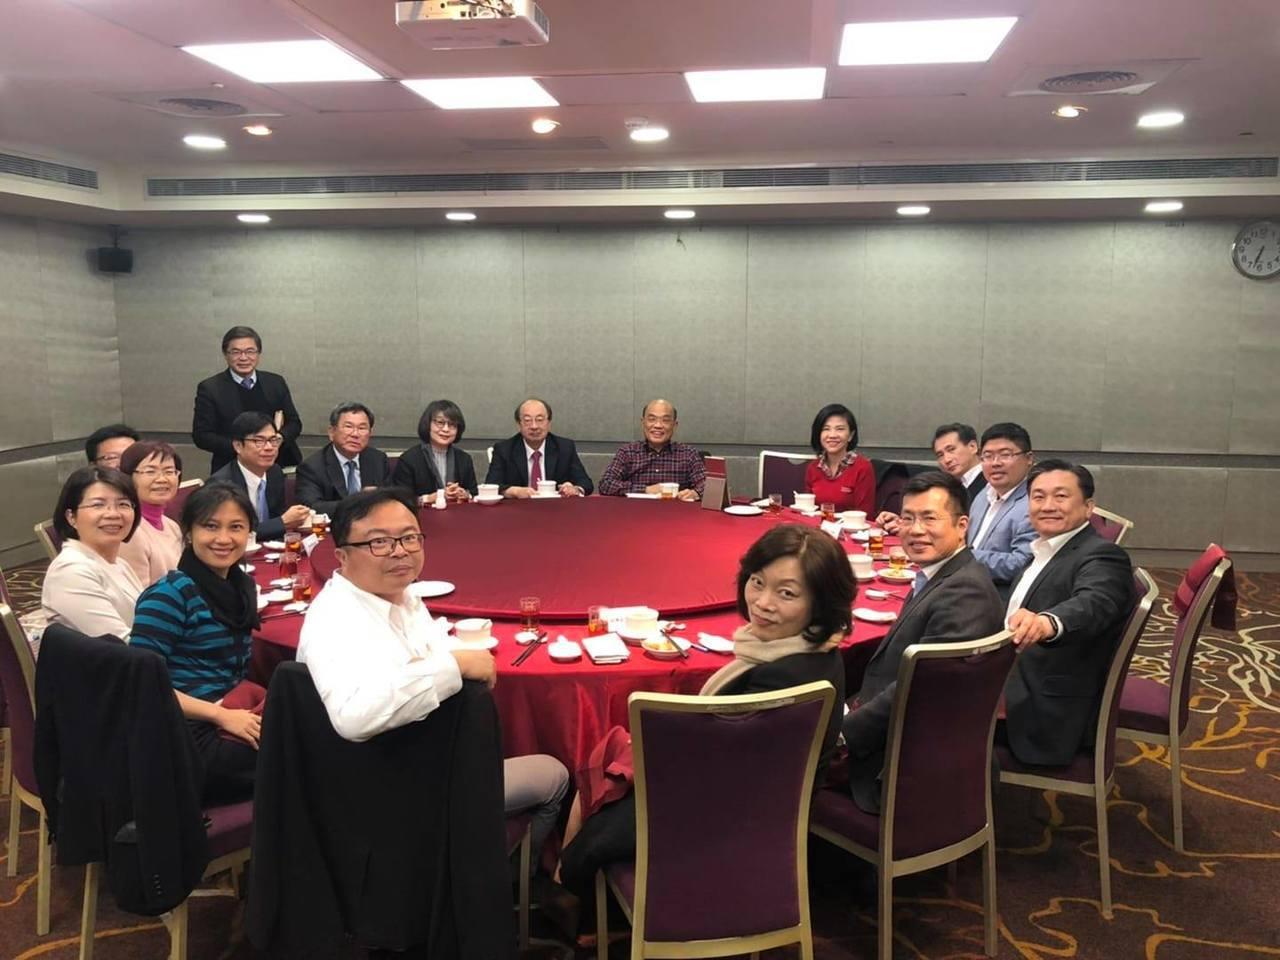 行政院長蘇貞昌今晚宴請民進黨立委,會前接受媒體採訪,首度回應華航機師罷工事件。圖...